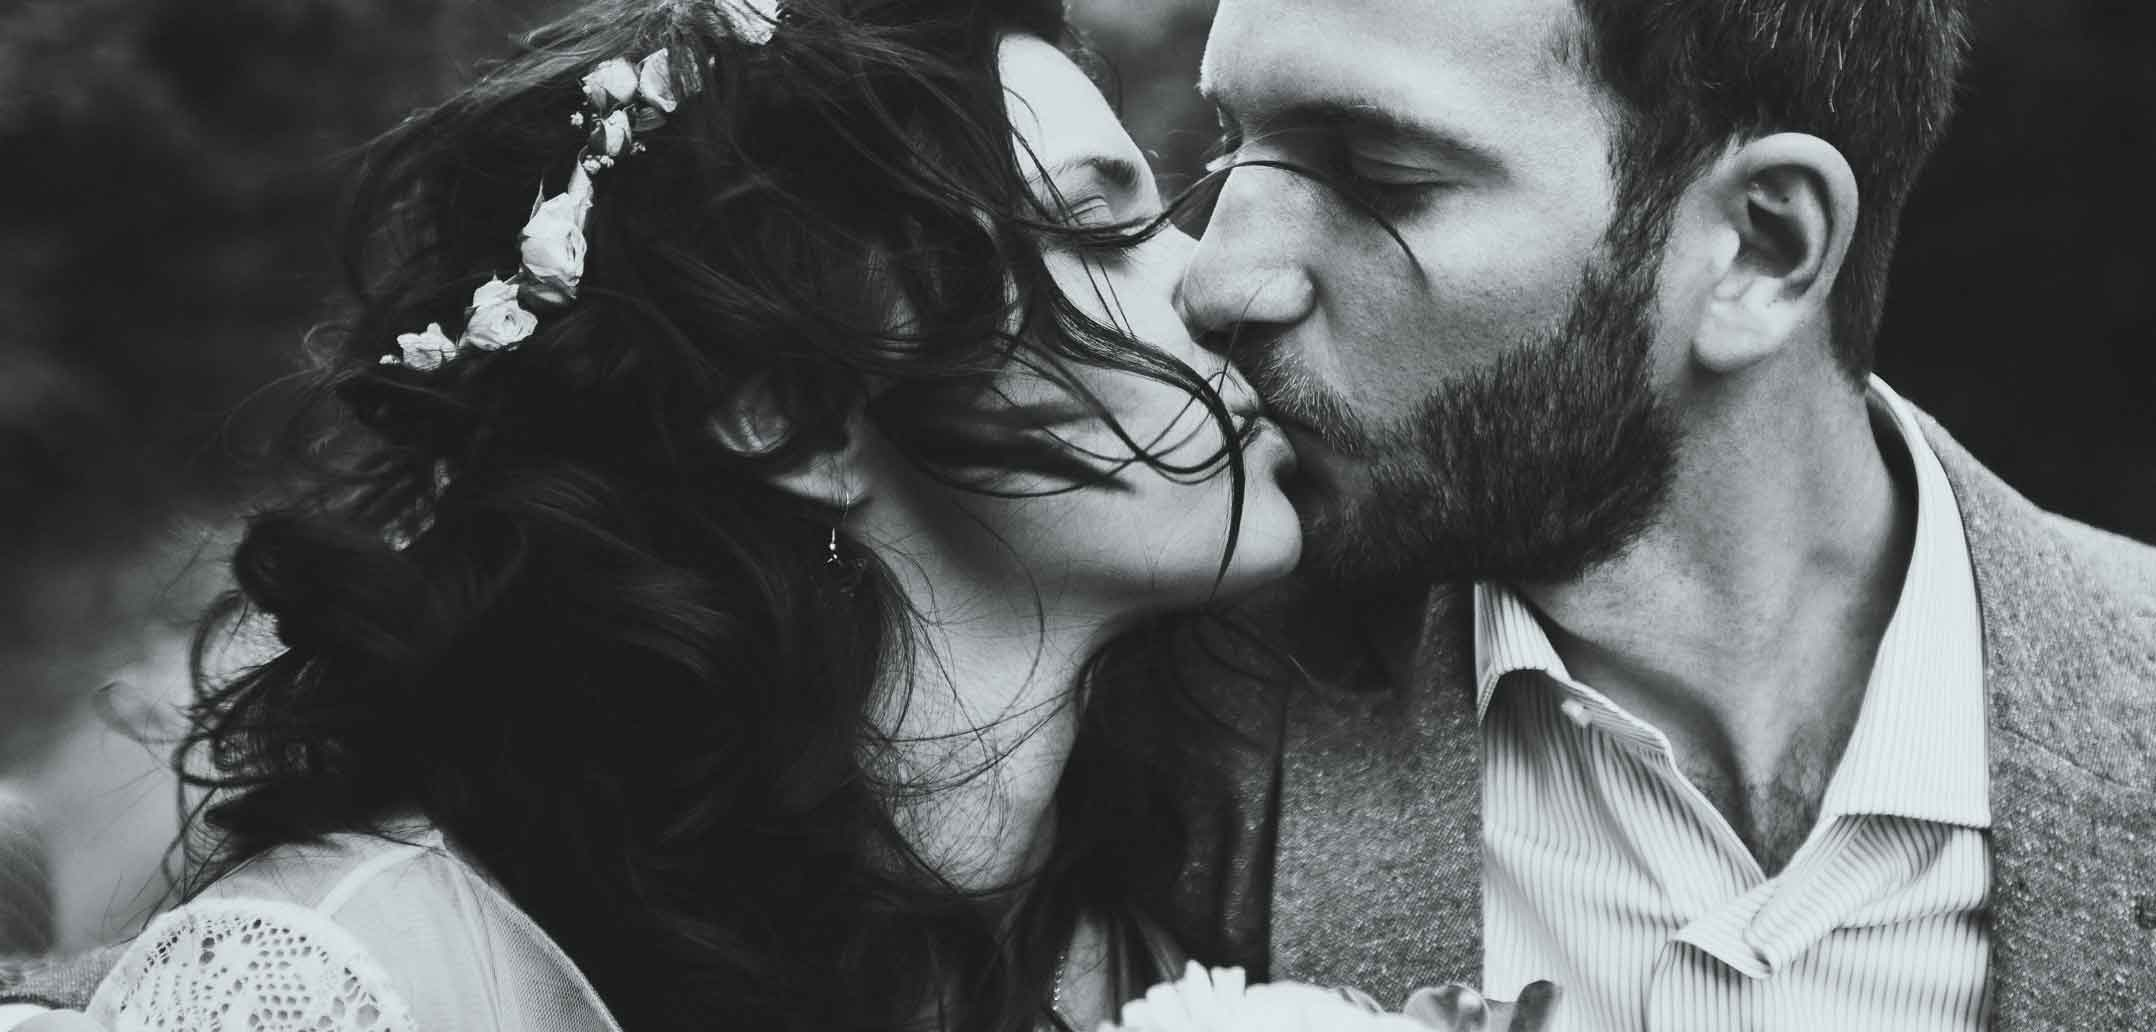 Ich werde die Ehe niemals bereuen